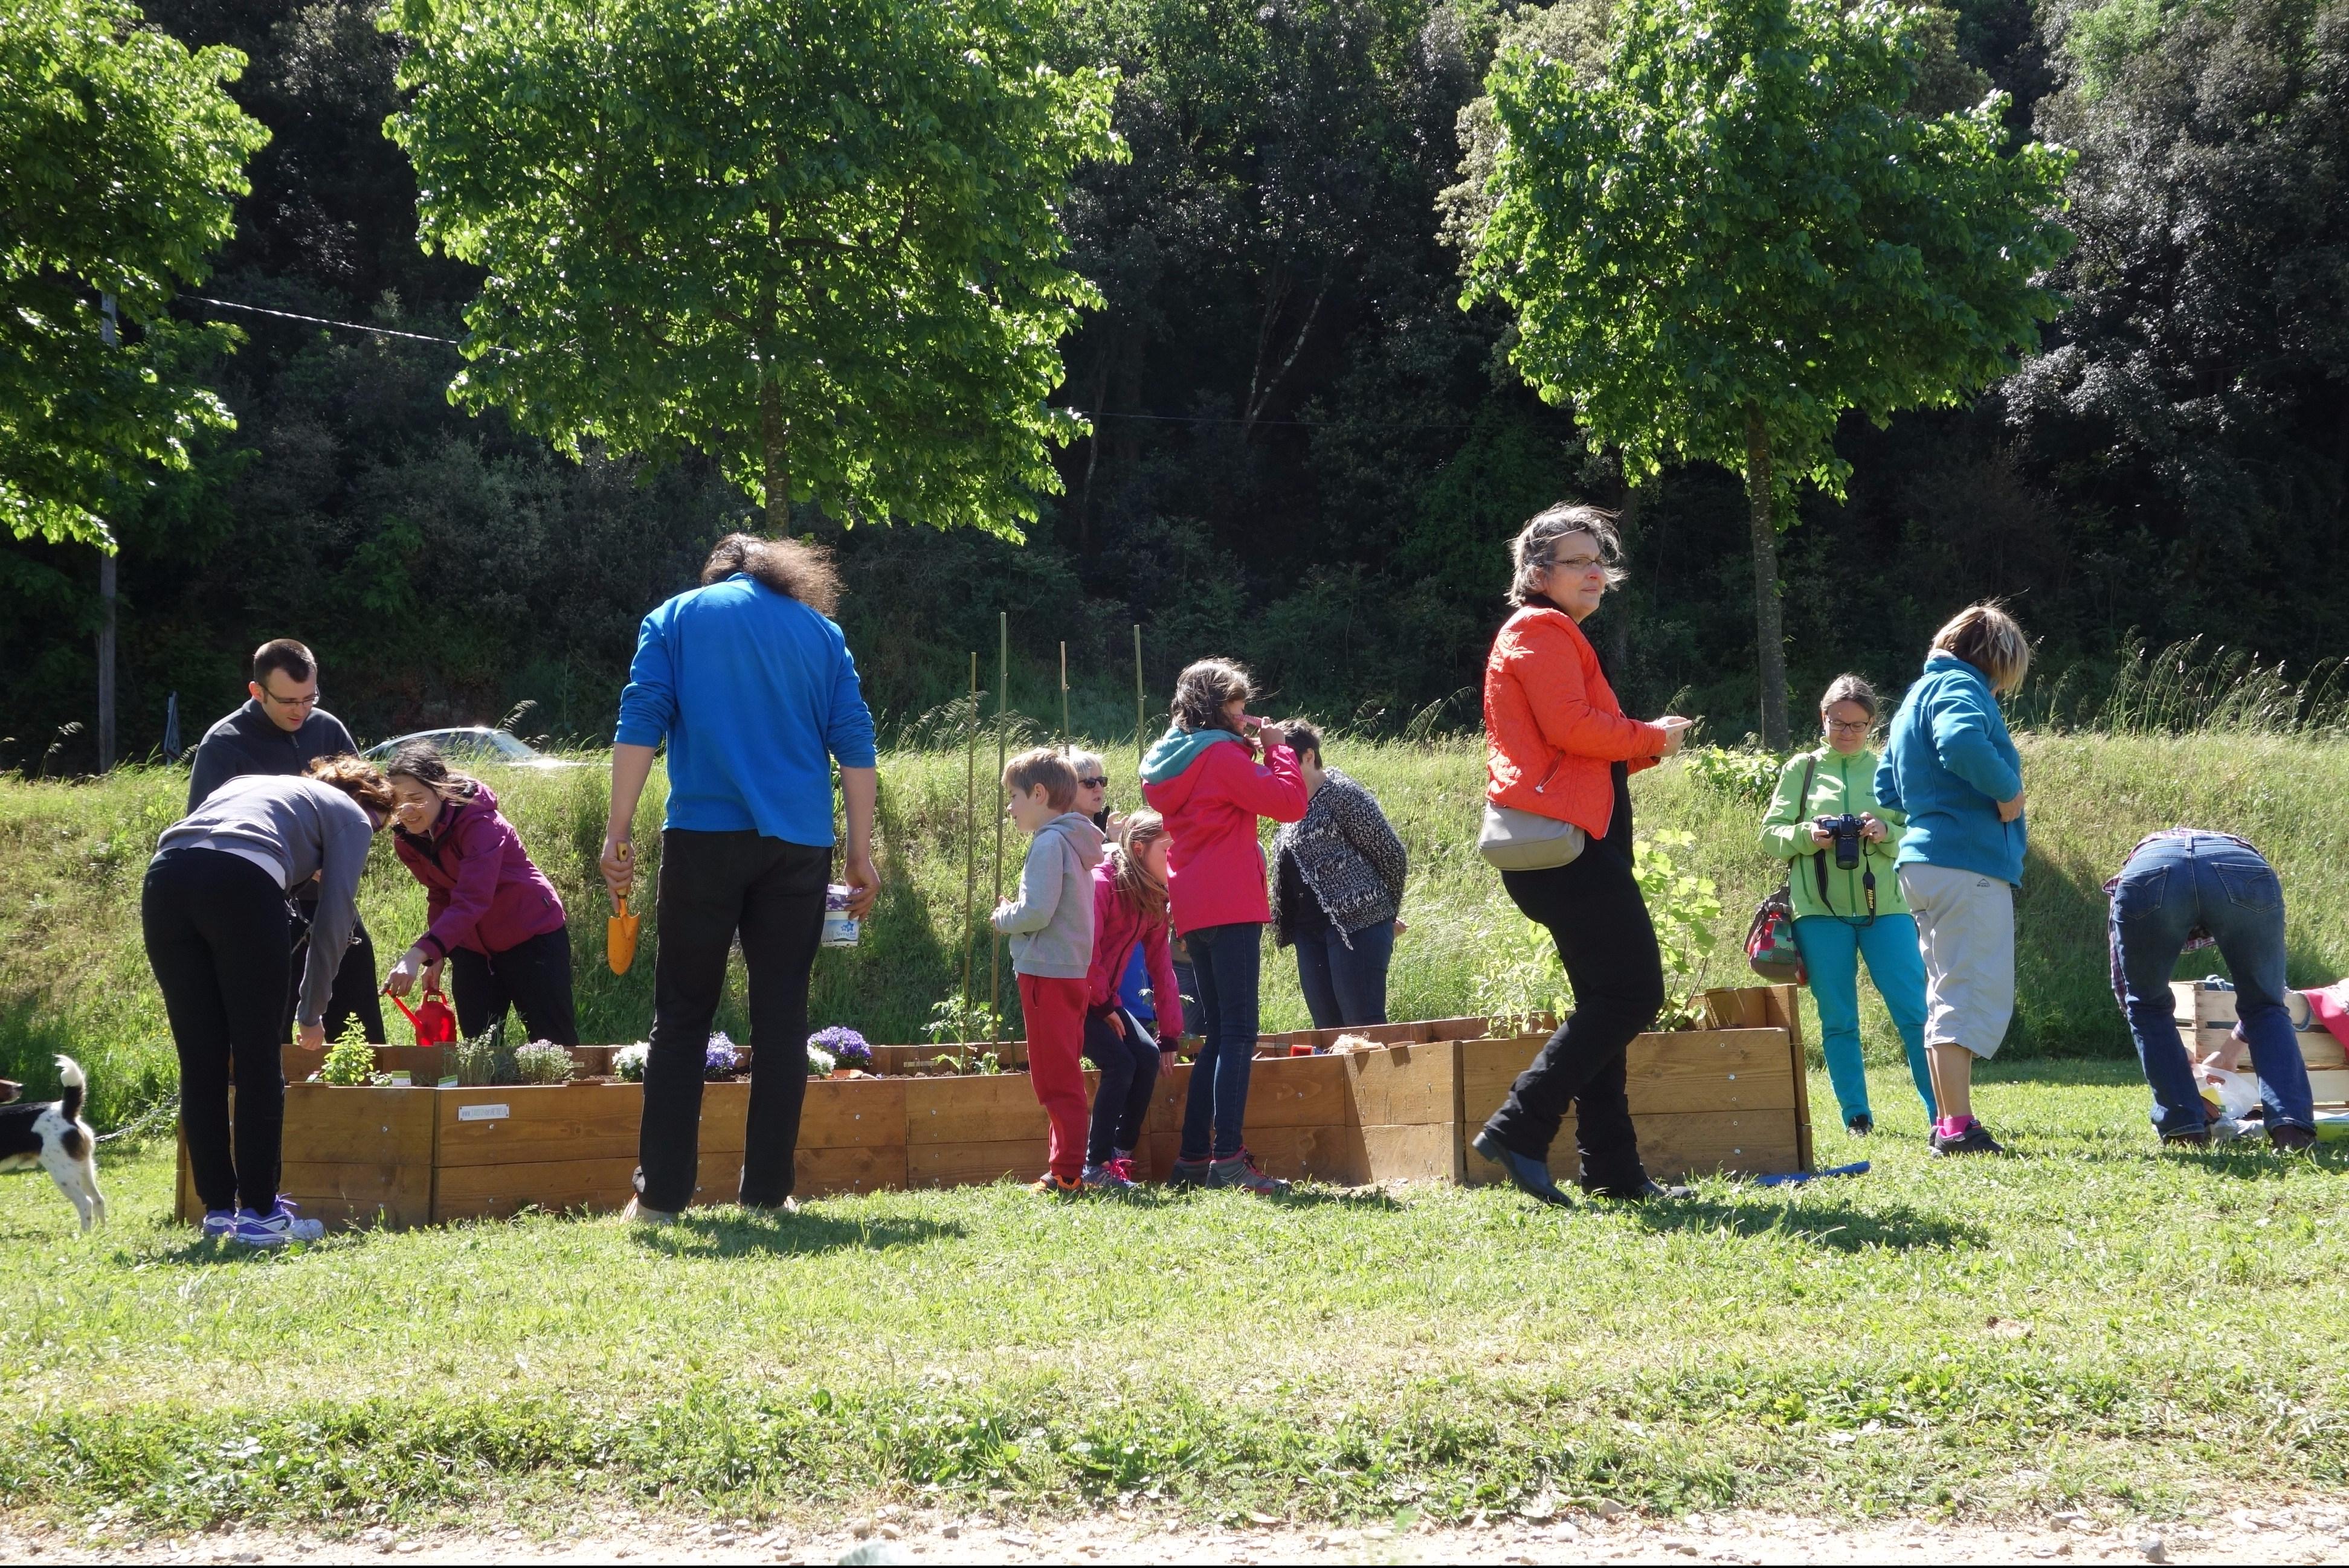 Retour sur projets 2 2 le bonheur est dans le jardin for Jardin 81 treinta y tres